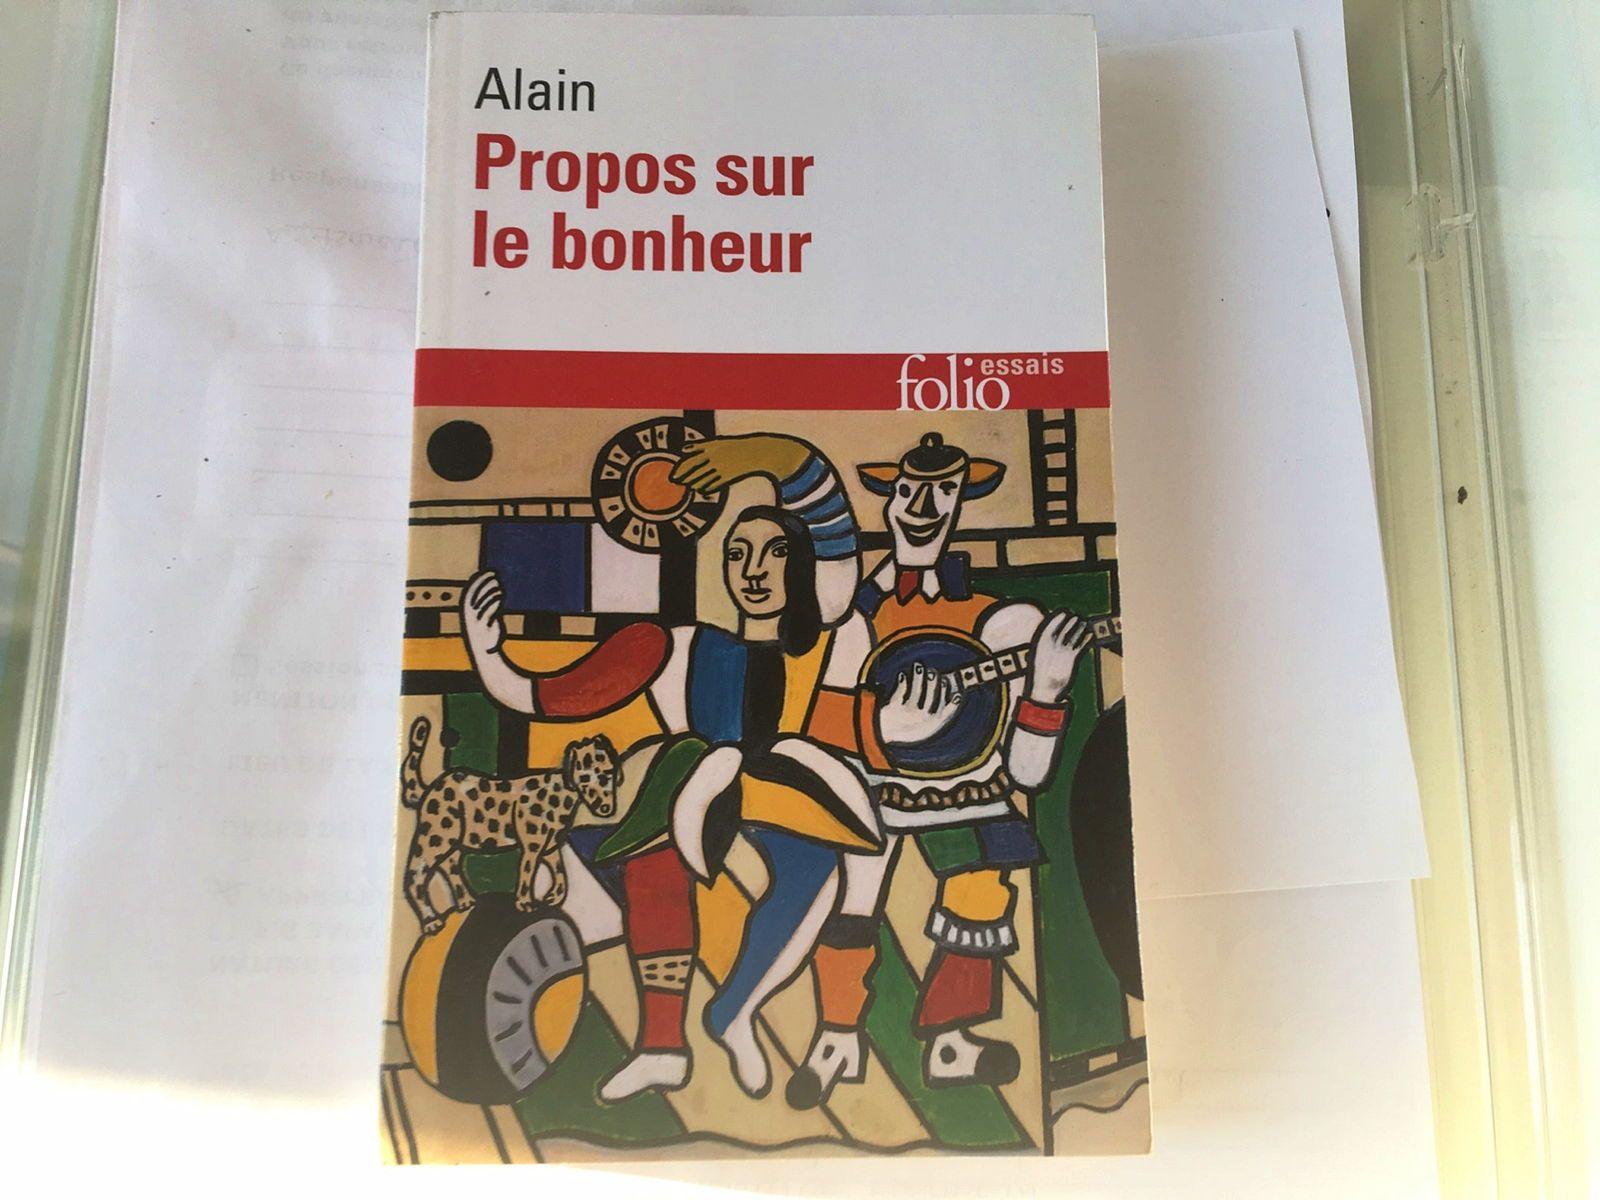 Vends Livre Propos sur le bonheur d'Alain